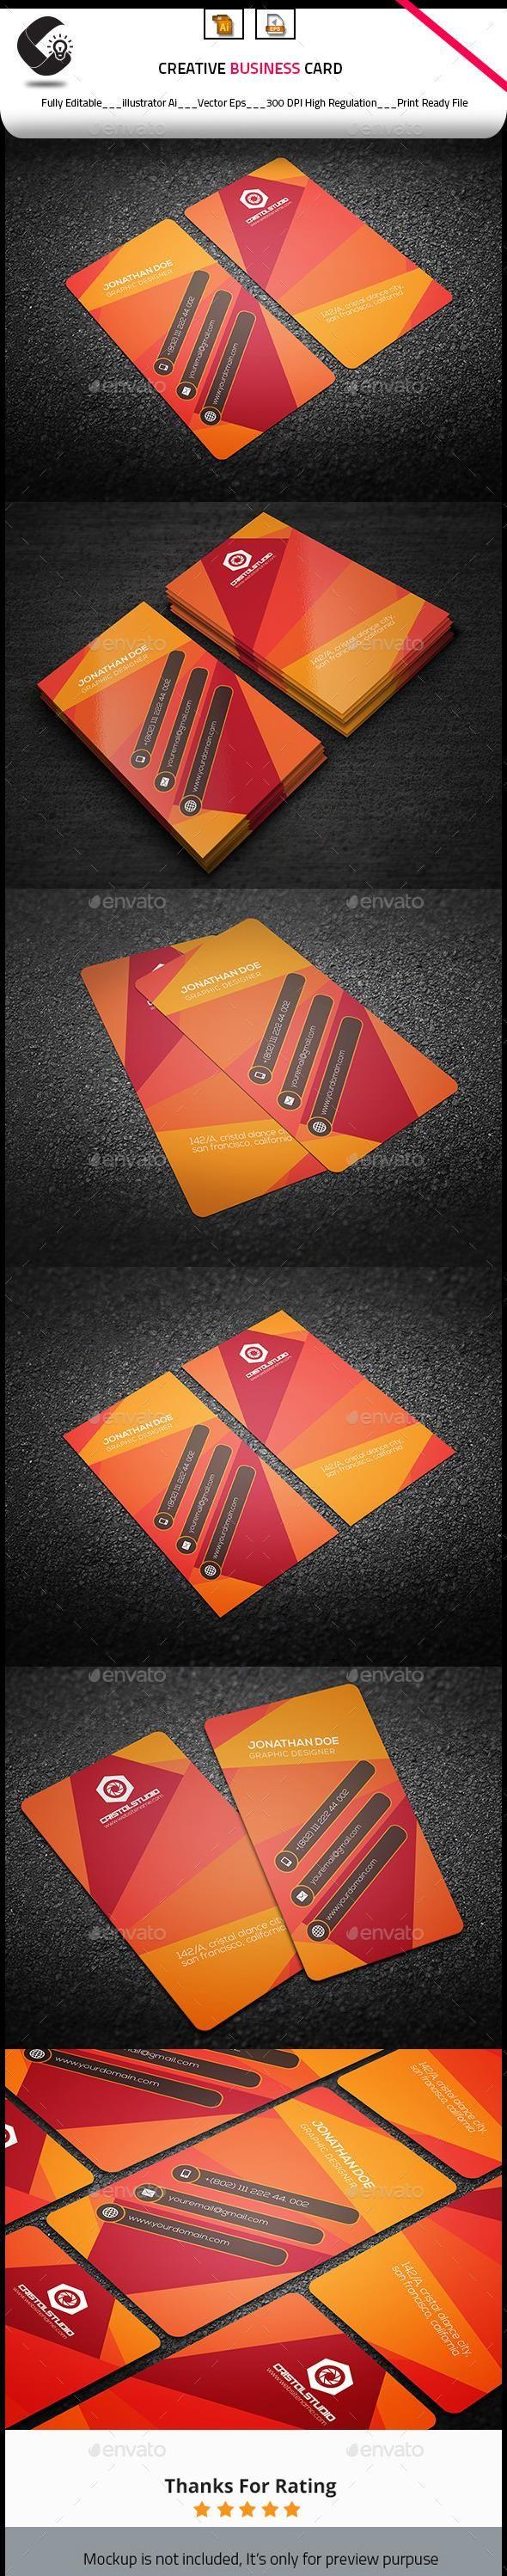 Mejores 363 imágenes de Business Card Design en Pinterest | Diseño ...